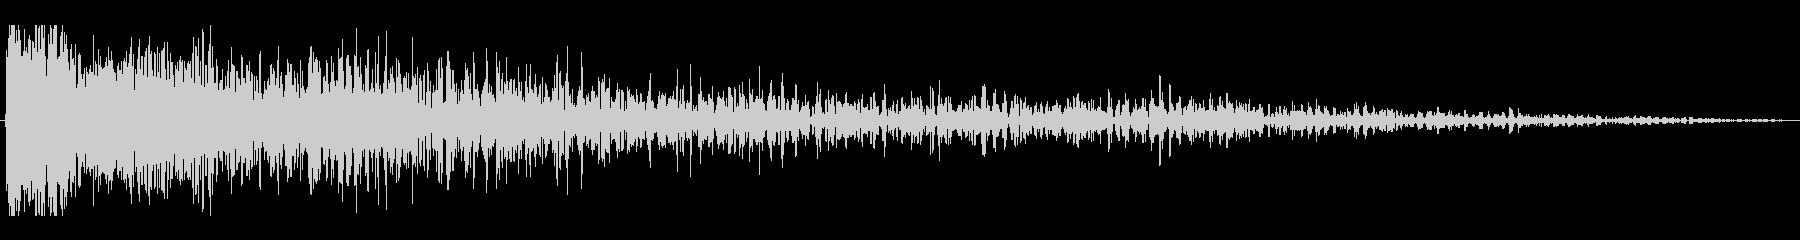 レーザービーム(ロケットエンジン風な音)の未再生の波形